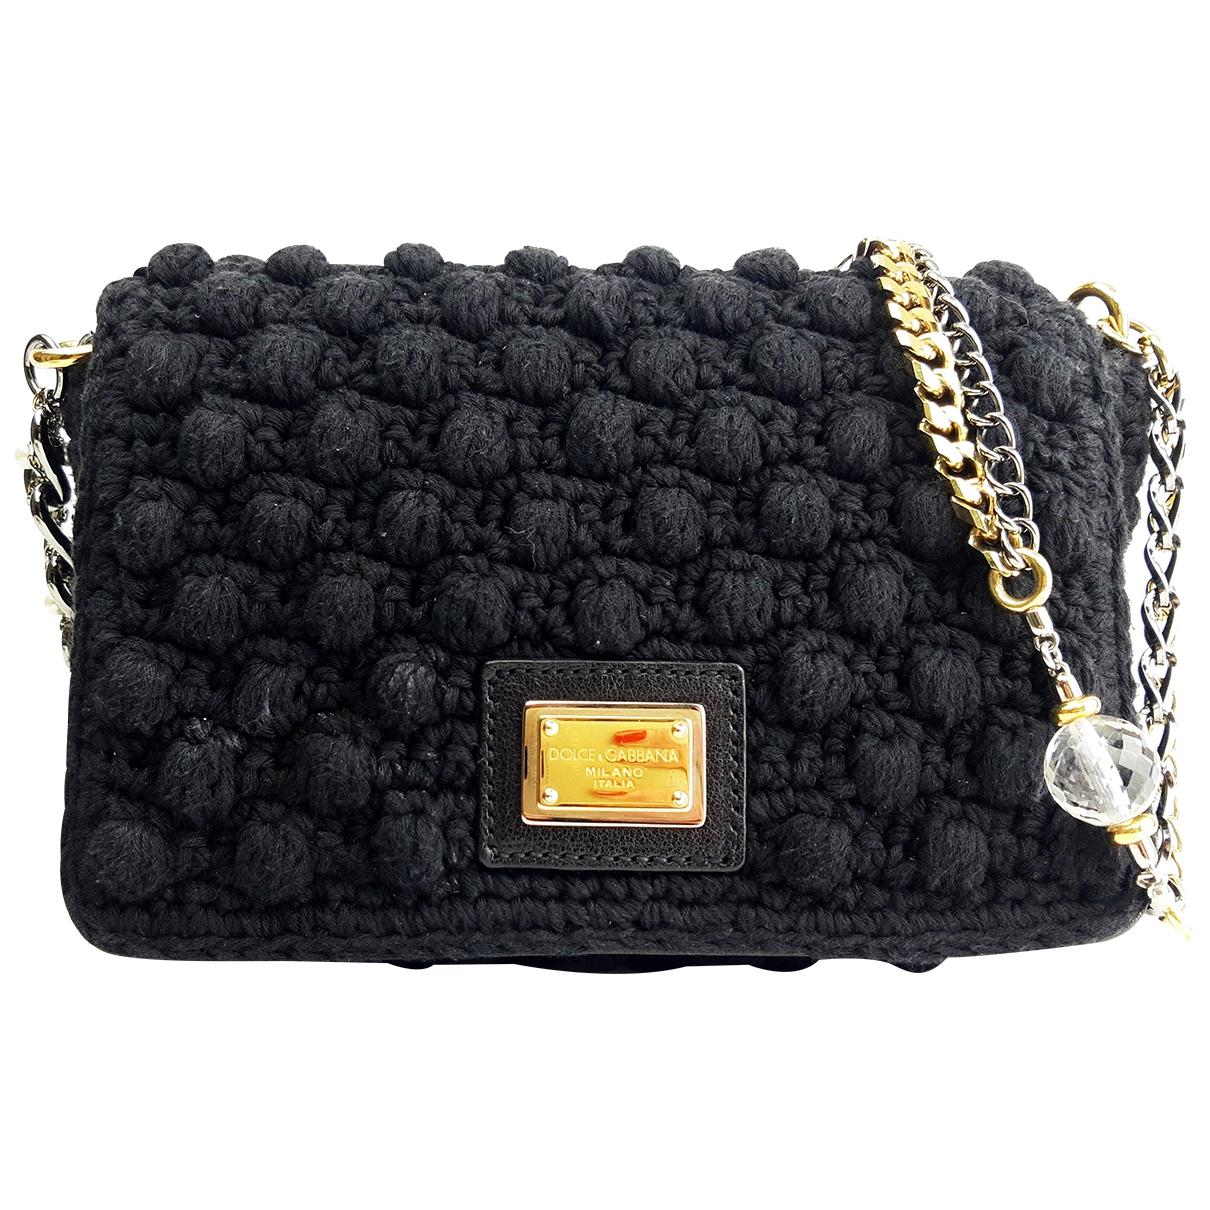 Dolce & Gabbana \N Black Linen handbag for Women \N